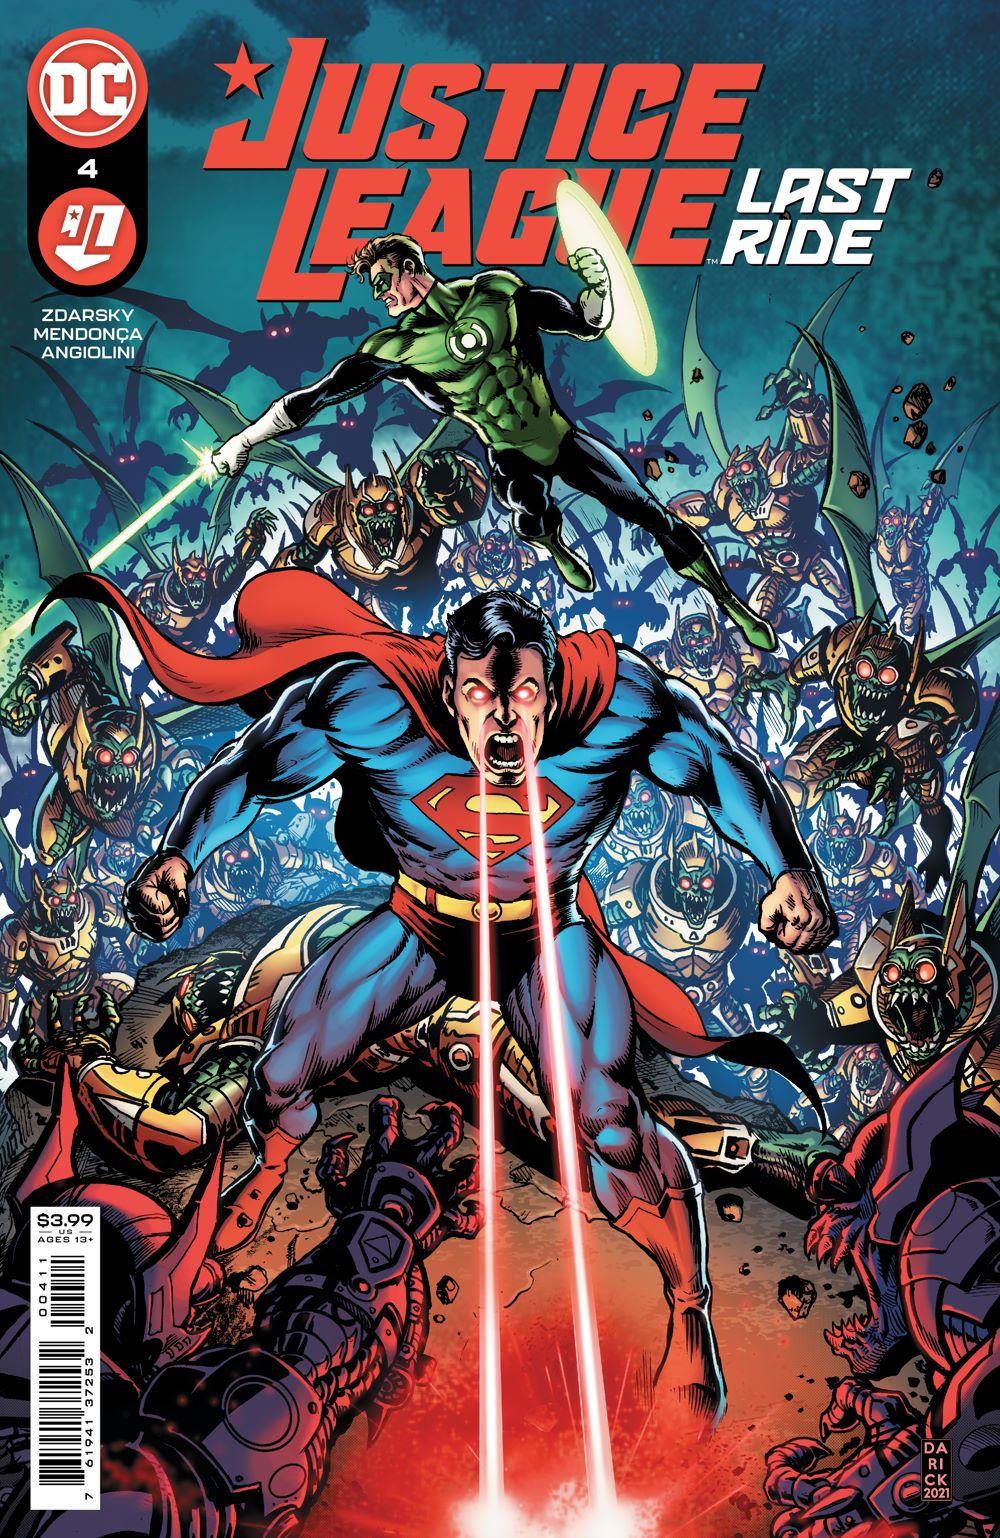 JLLR_Cv4 DC Comics August 2021 Solicitations